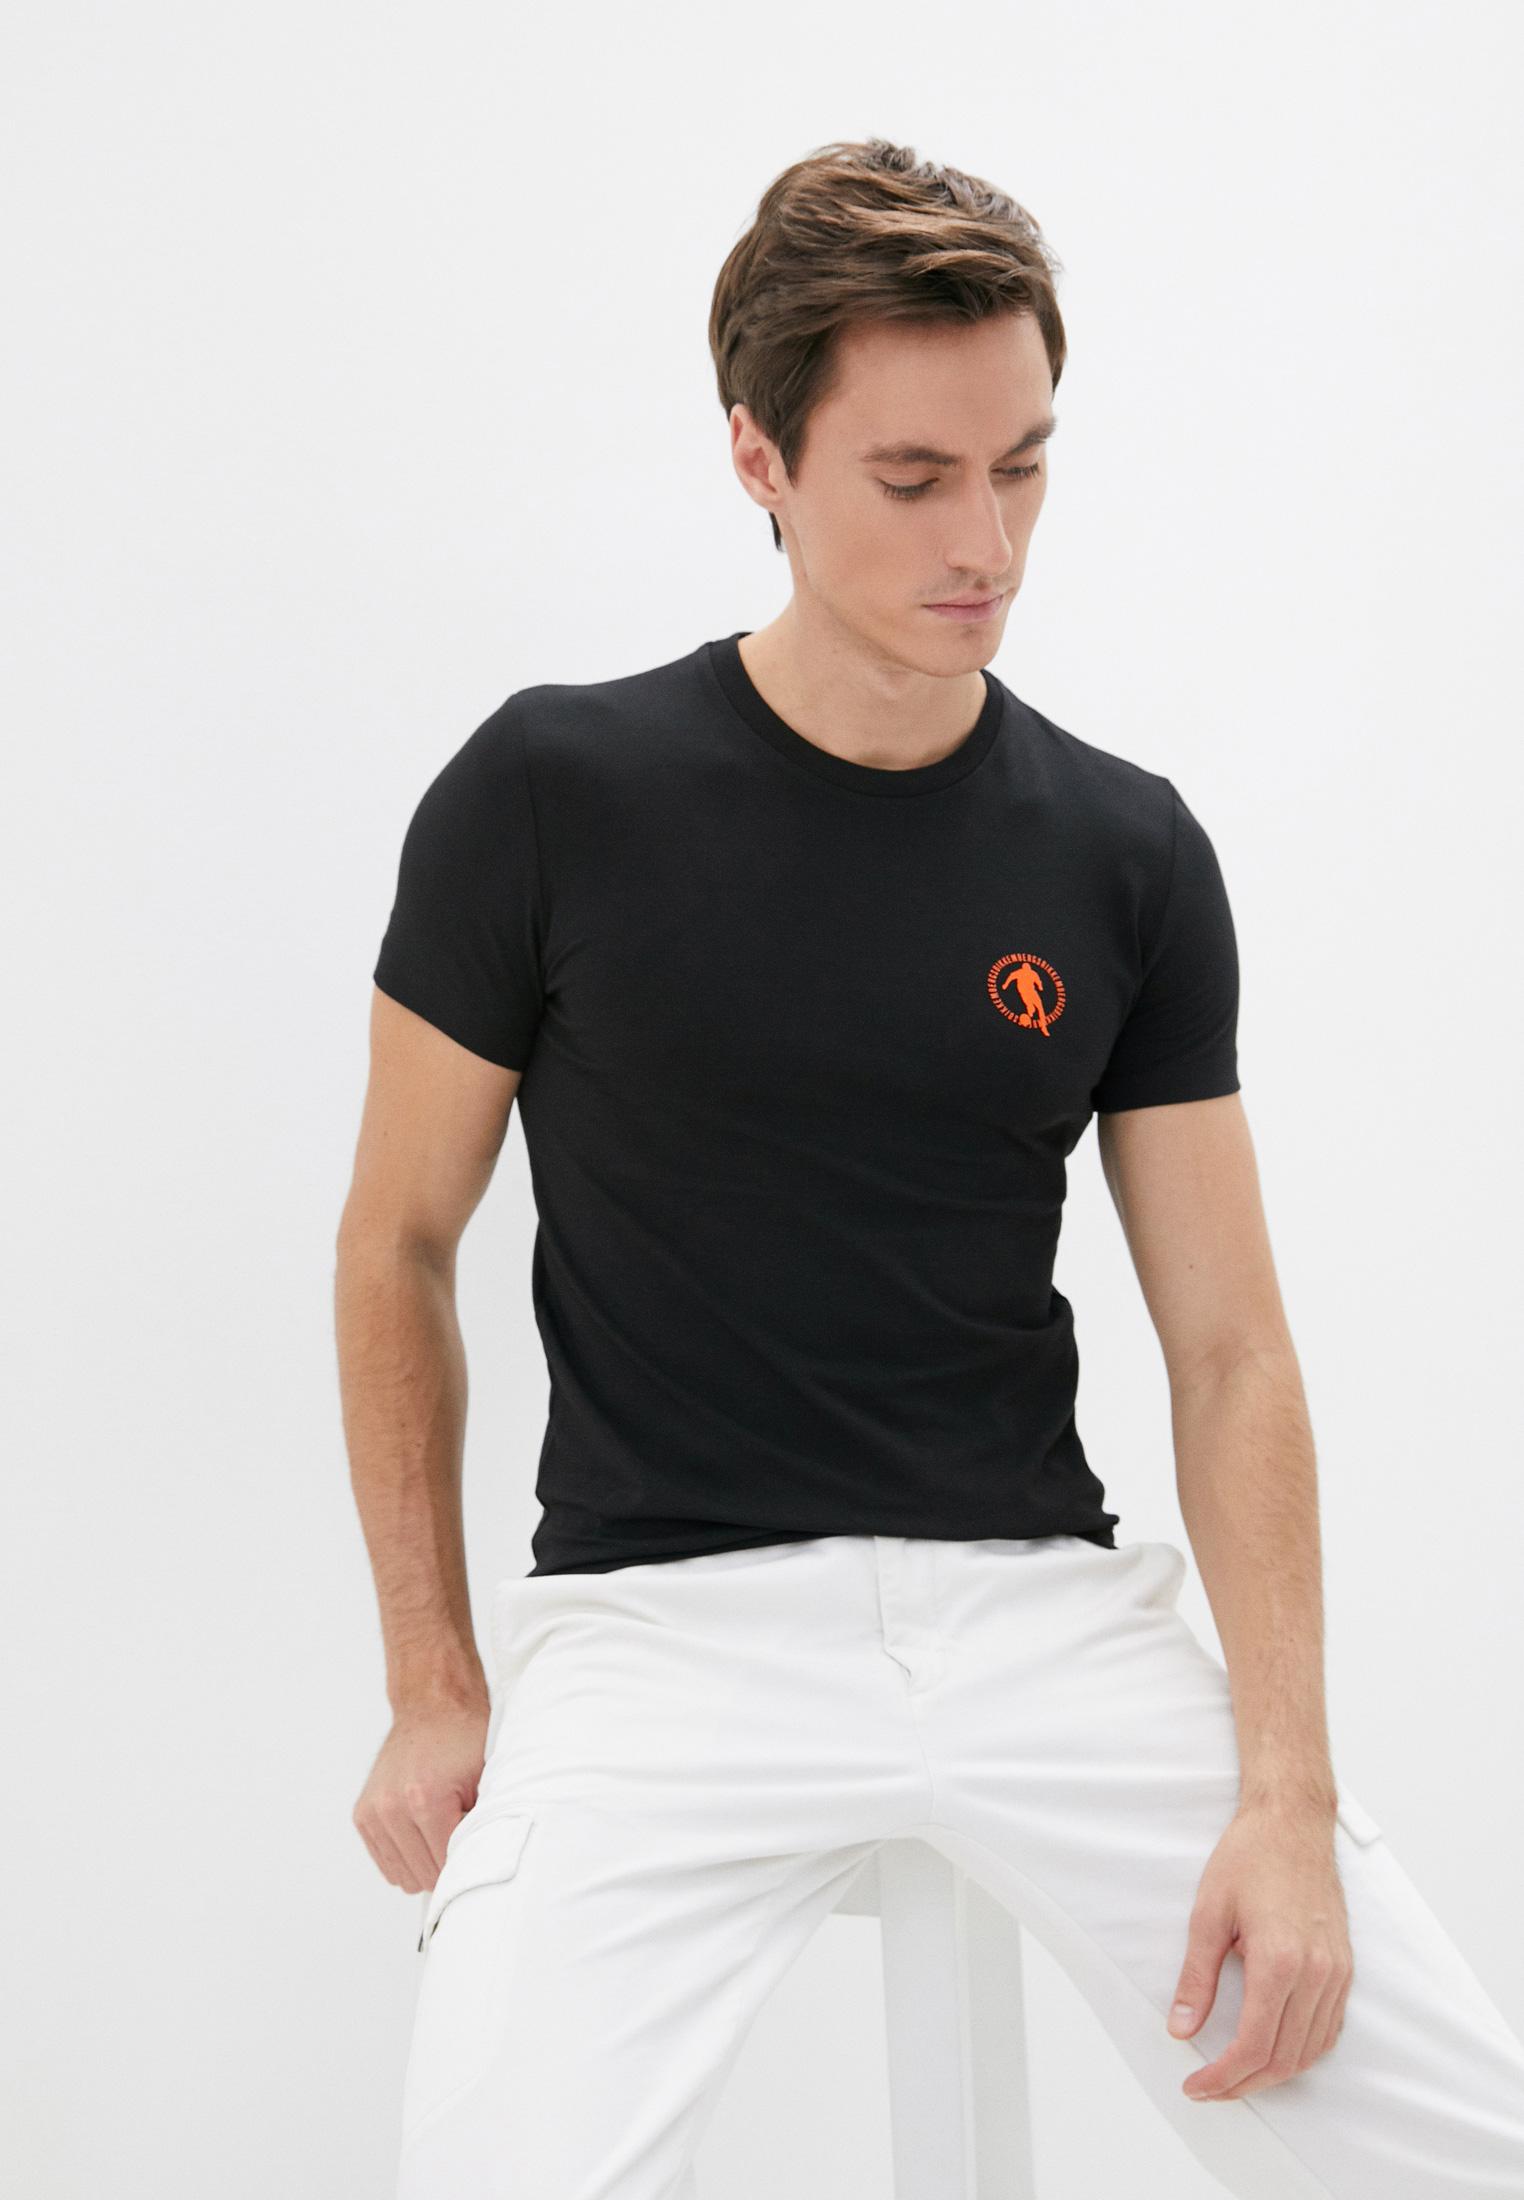 Мужская футболка Bikkembergs (Биккембергс) C 7 016 4T E 1823